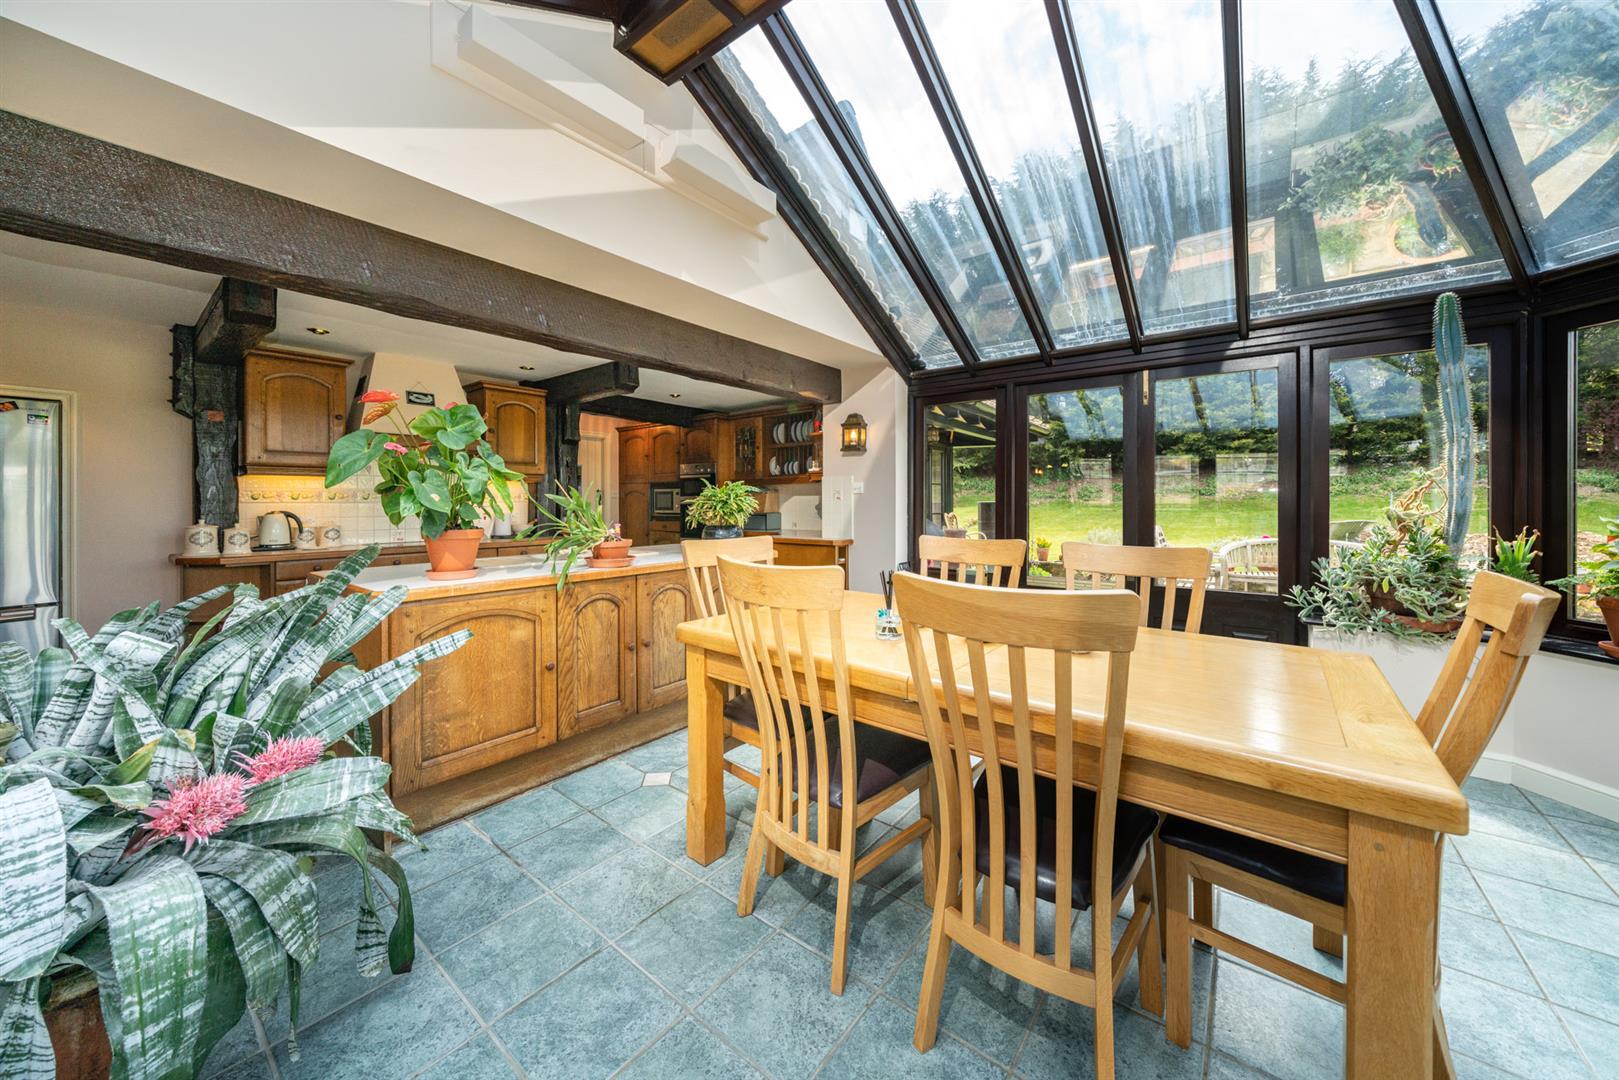 Woodlands-Kitchen Orangerie 4.jpg